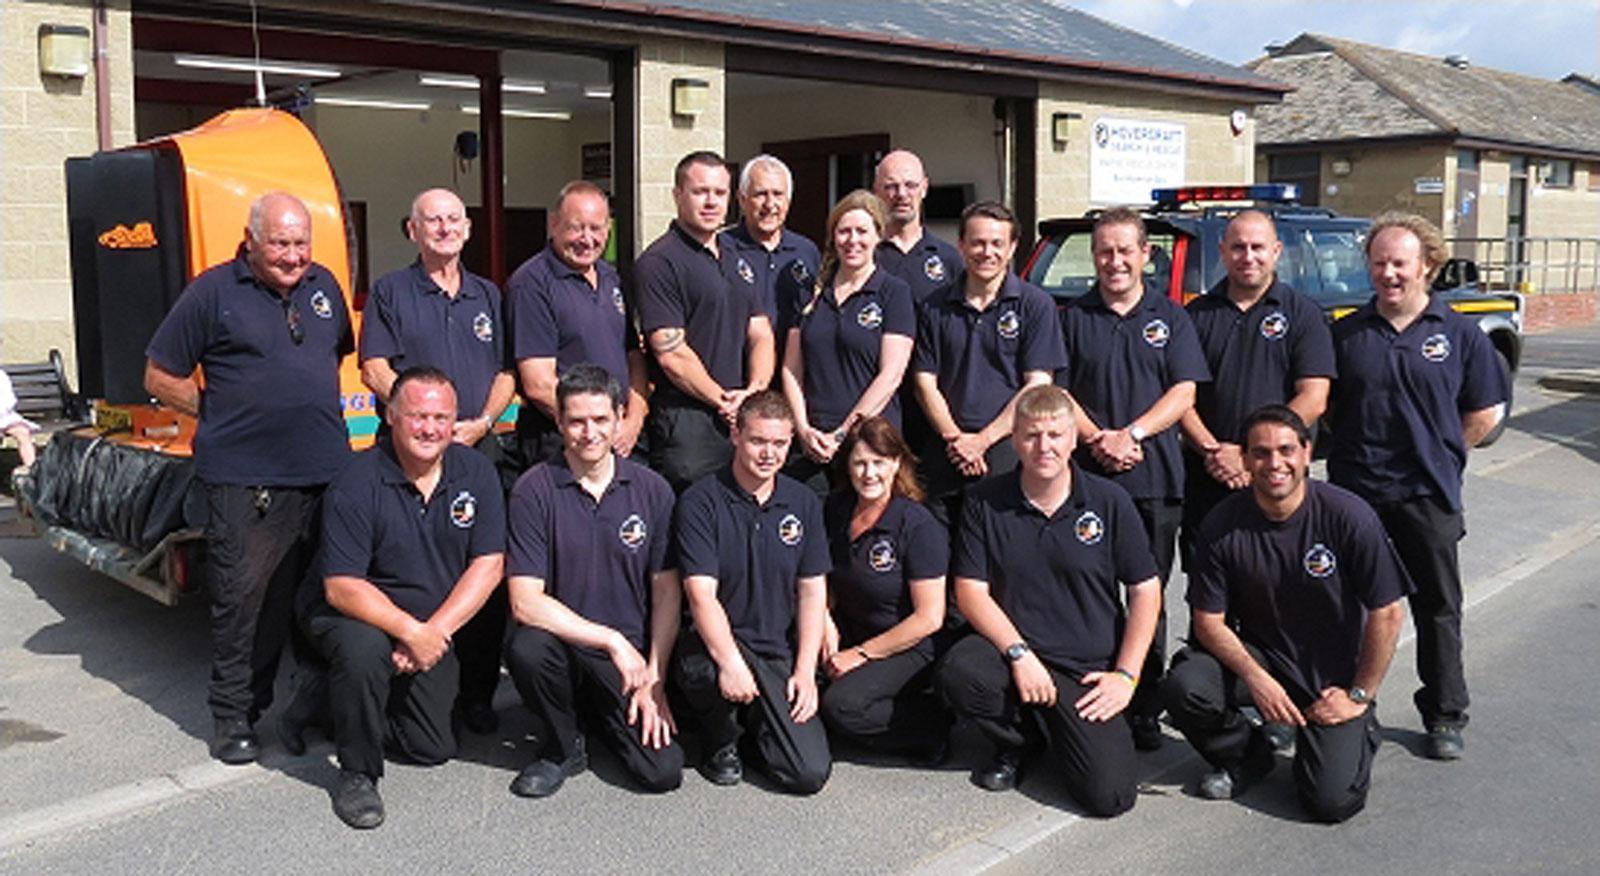 BARB-Search-and-rescue-crew-burnham-on-sea